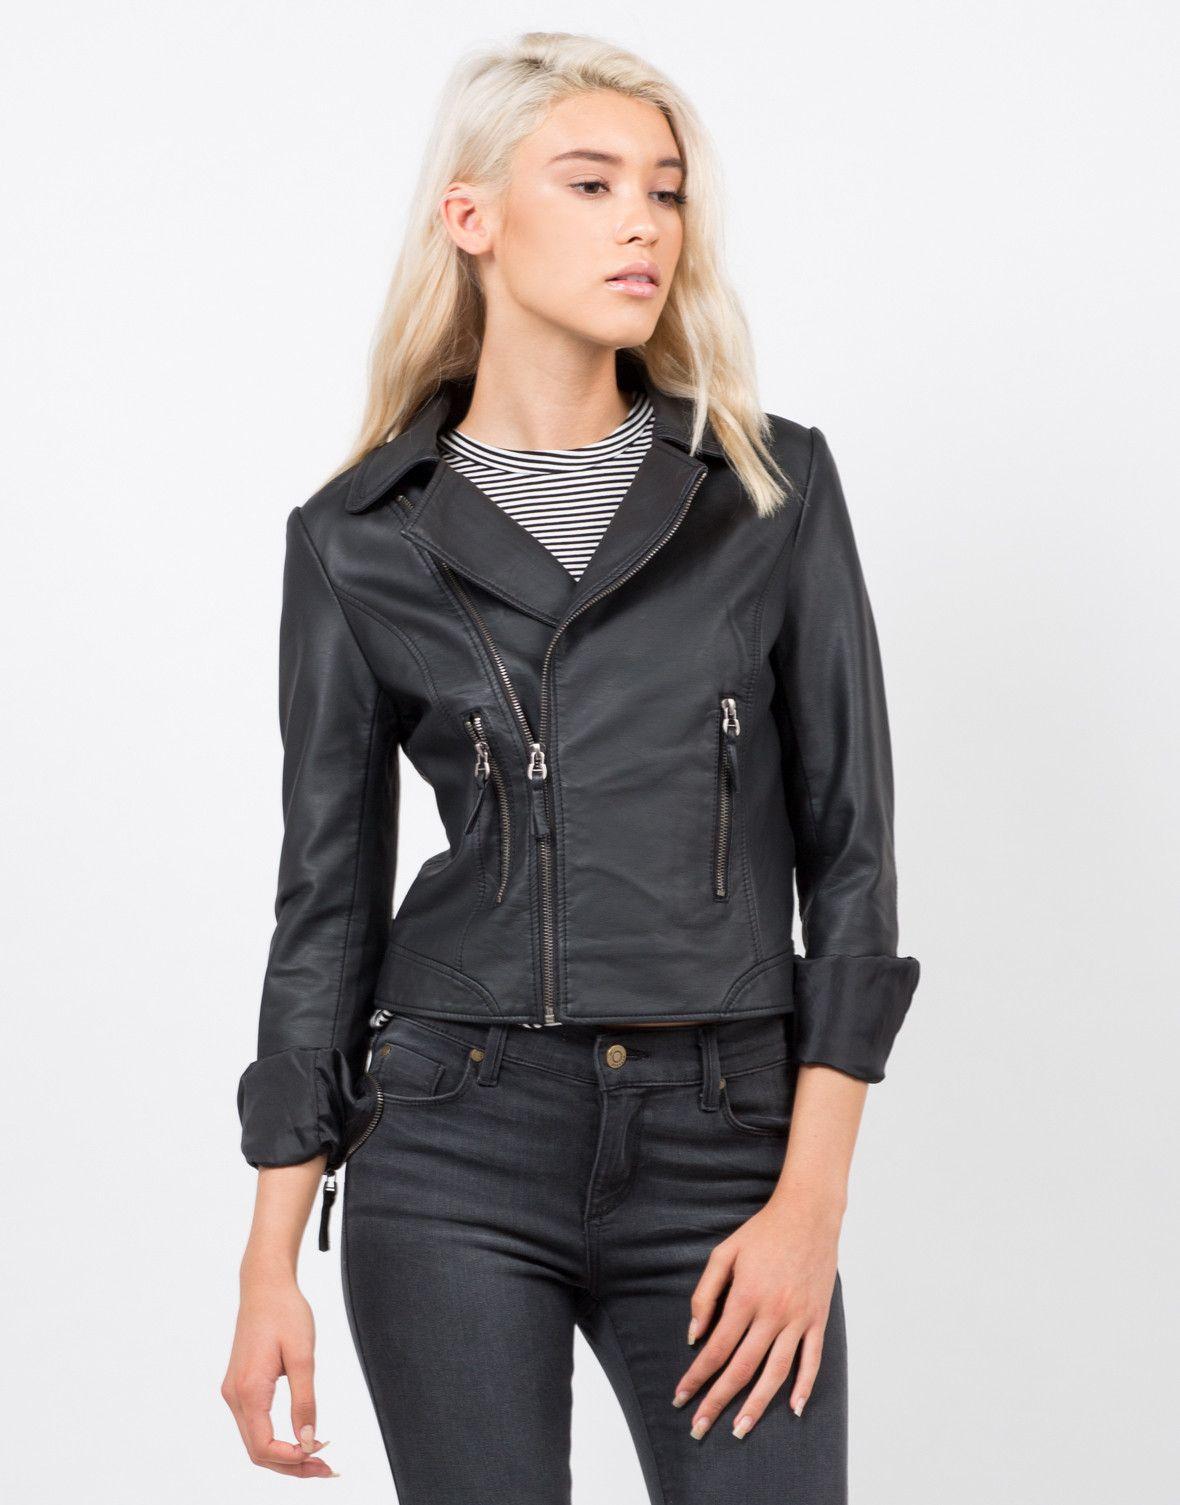 Pleather Moto Jacket Leather jacket black, Jackets, Moto